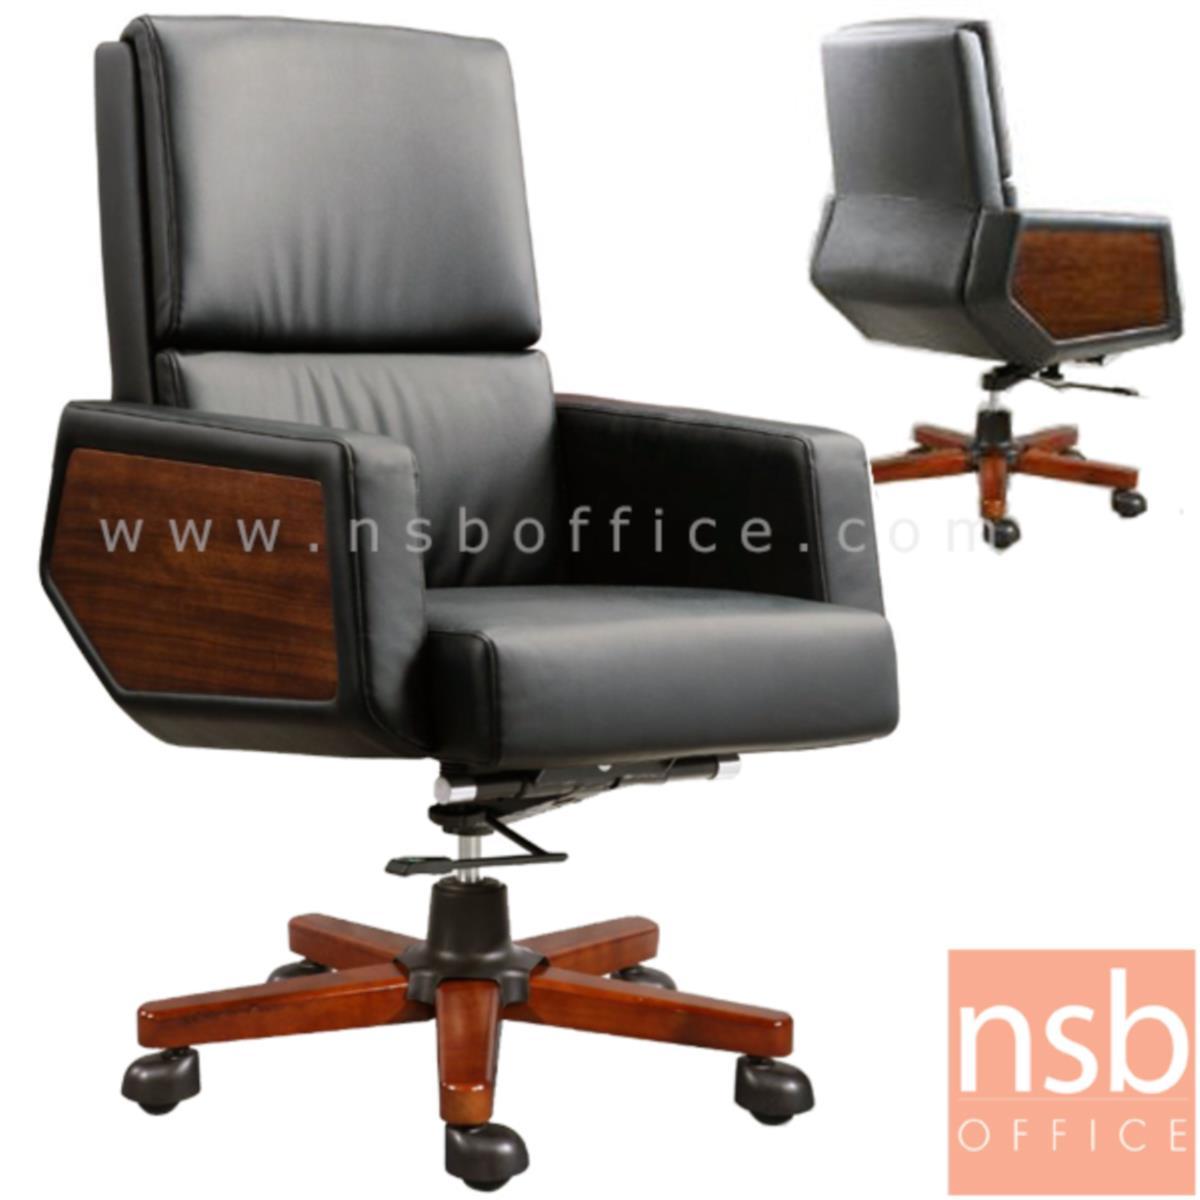 เก้าอี้ผู้บริหารหนังแท้ รุ่น LPS-315-L  โช๊คแก๊ส มีก้อนโยก ขาไม้